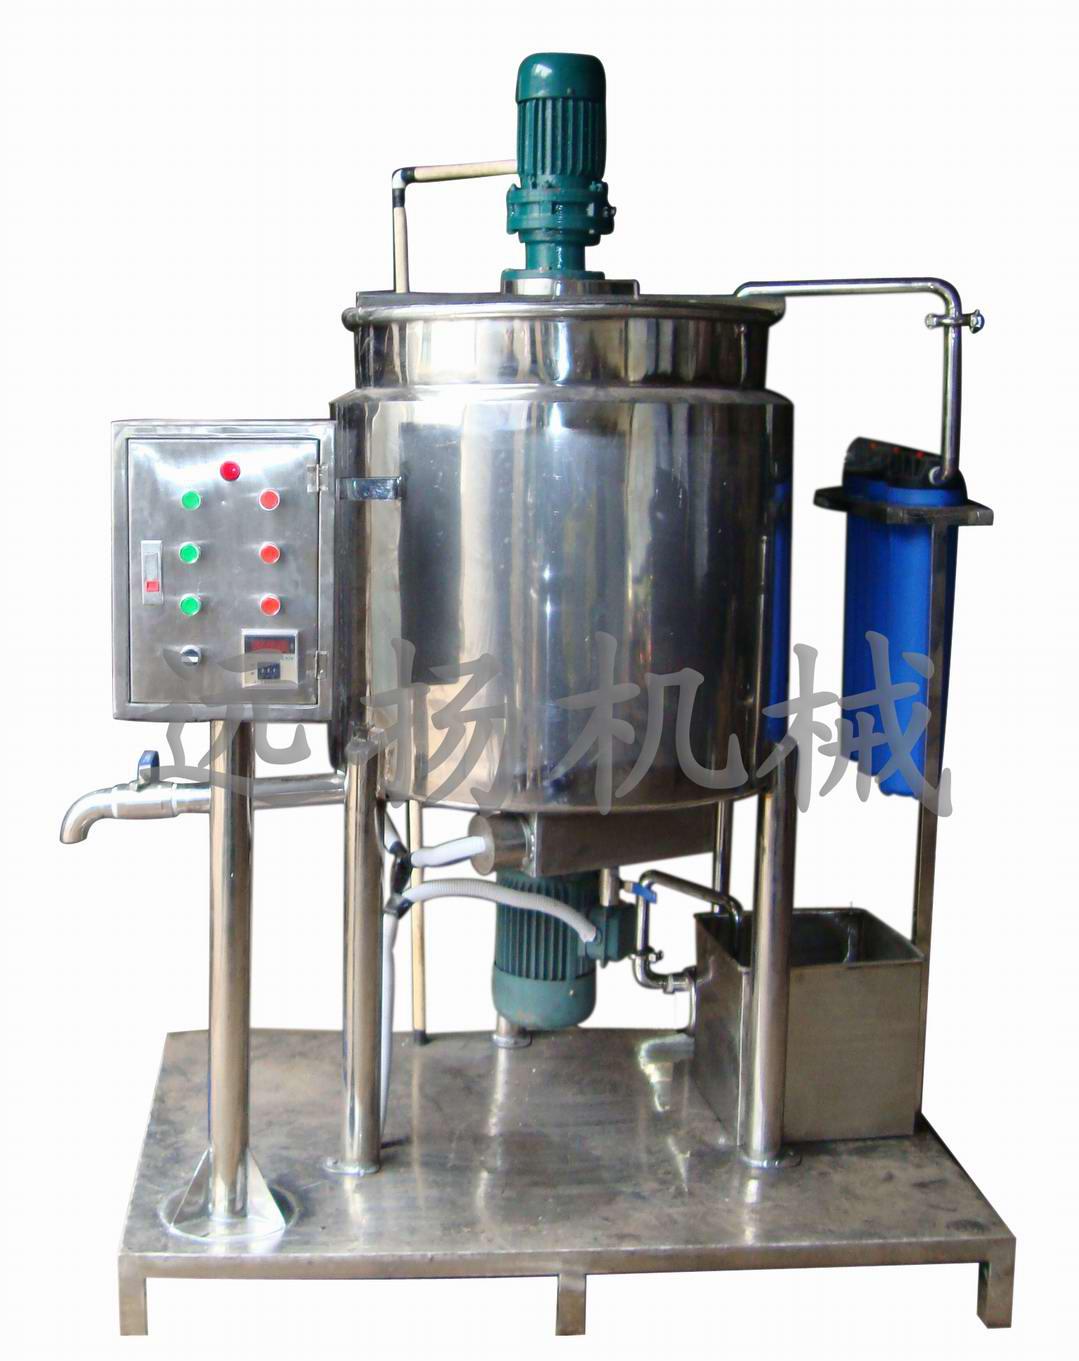 供应 A型加热剪切乳化设备,广州远扬机械生产厂家